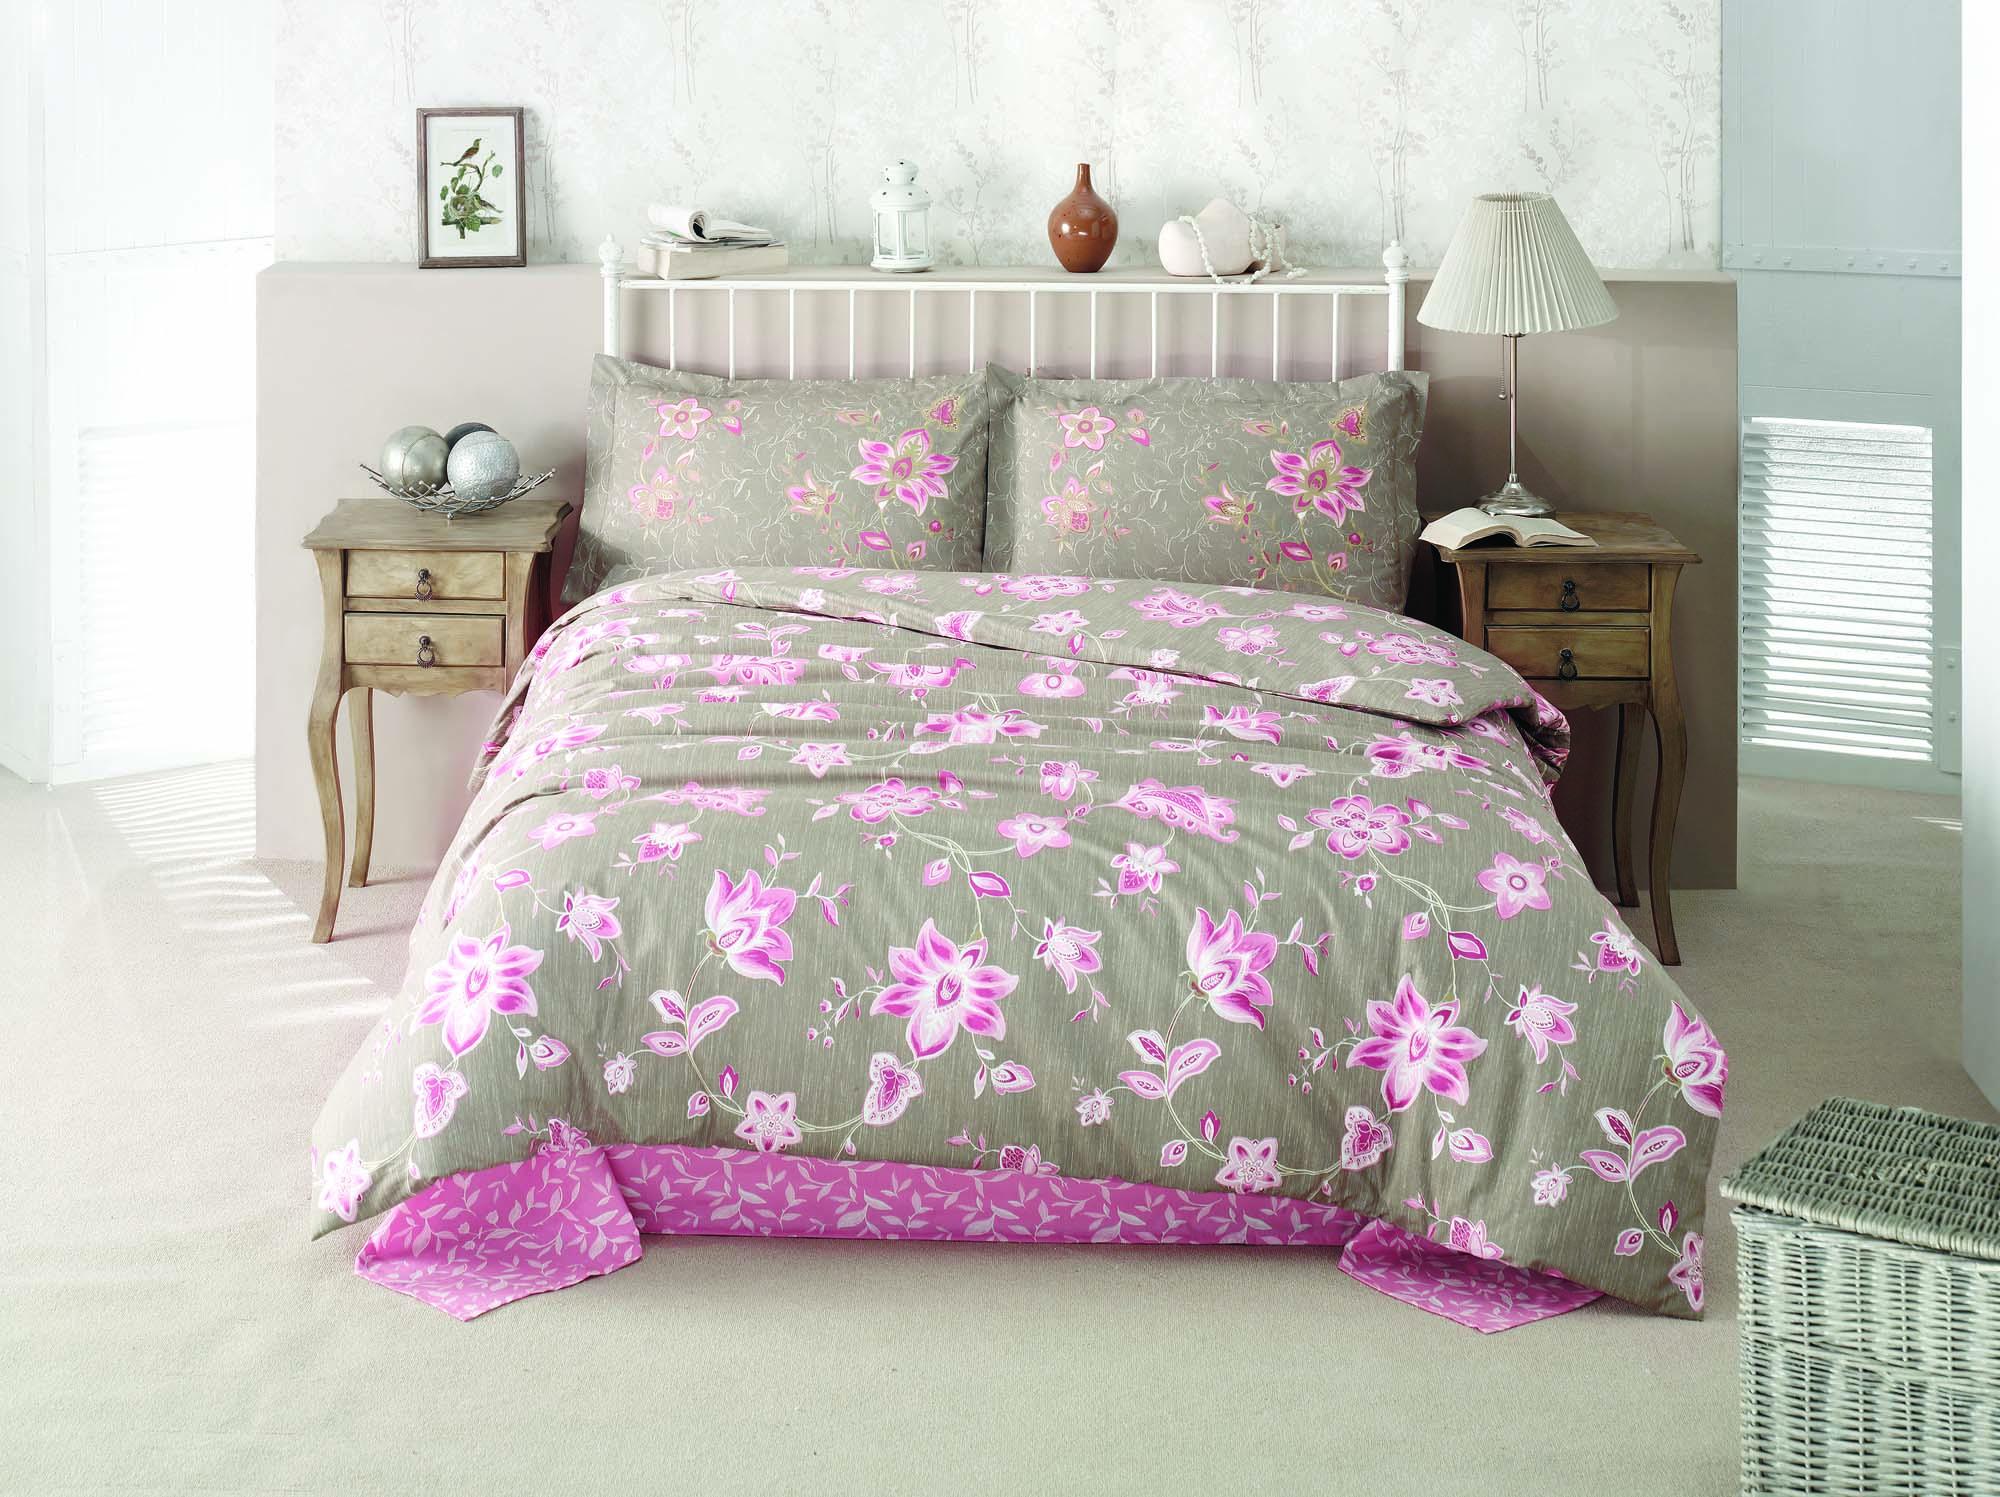 Комплект белья Clasy Belinay, евро, наволочки 50х70, цвет: розовый, серыйS03301004Комплект постельного белья Clasy Belinay изготовлен в Турции из высококачественного ранфорса на одной из ведущих фабрик.Выбирая постельное белье Clasy Belinay вы будете приятно удивлены качественной выделкой ткани, красивыми и модными расцветками, а так же его отличным качеством. Все наволочки у комплектов Clasy Belinay имеют клапан без пуговиц и молнии. Пододеяльник с пуговицами.